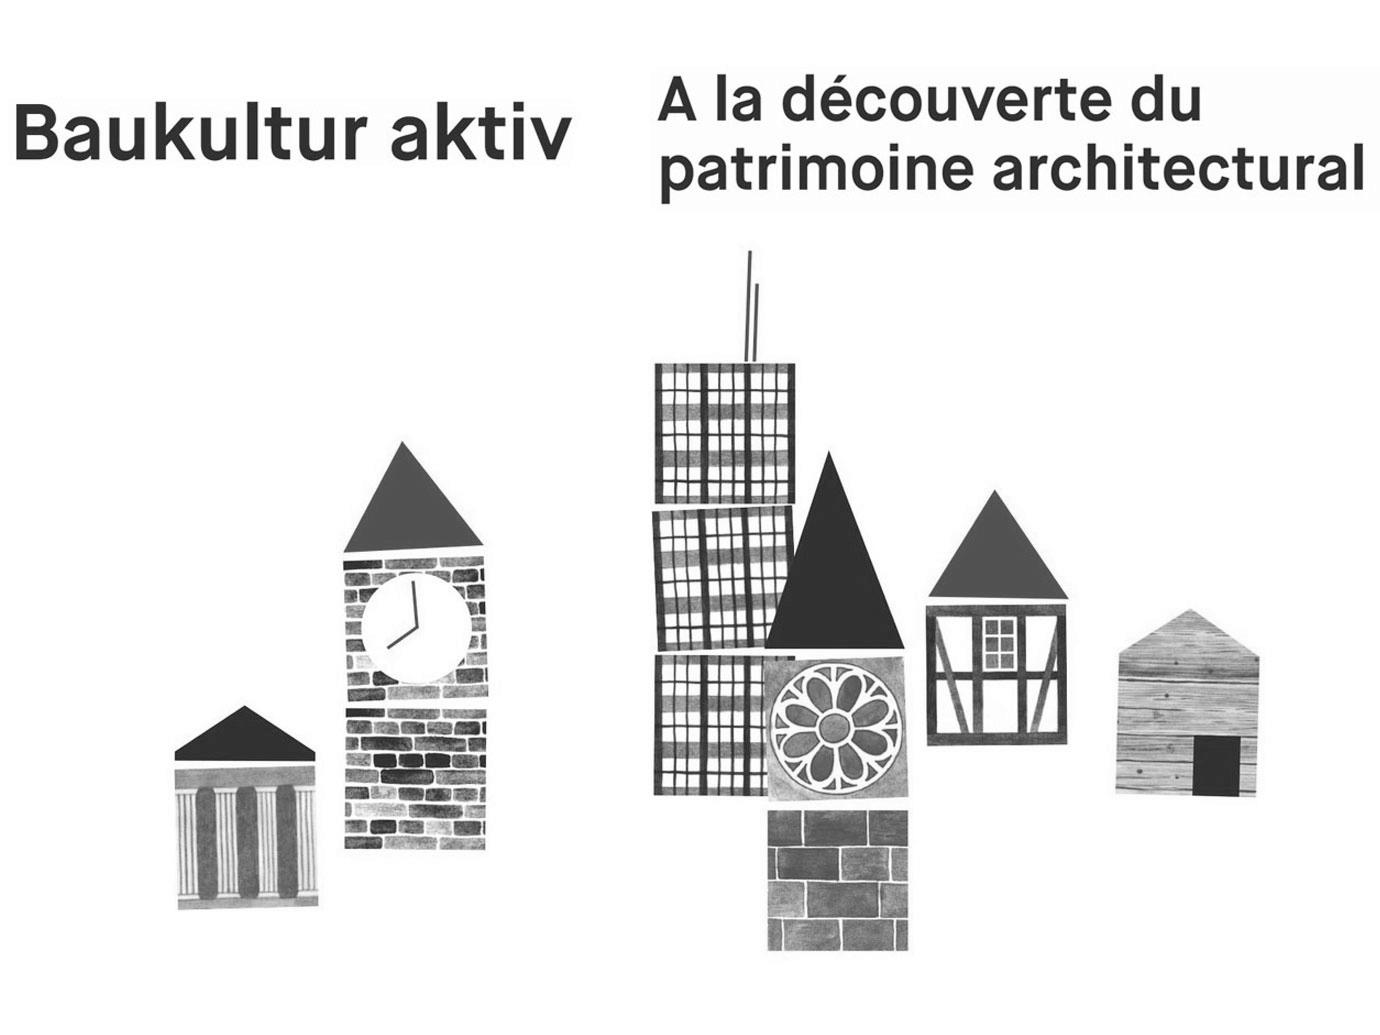 Baukultur aktiv - A la découverte du patrimoine architectural